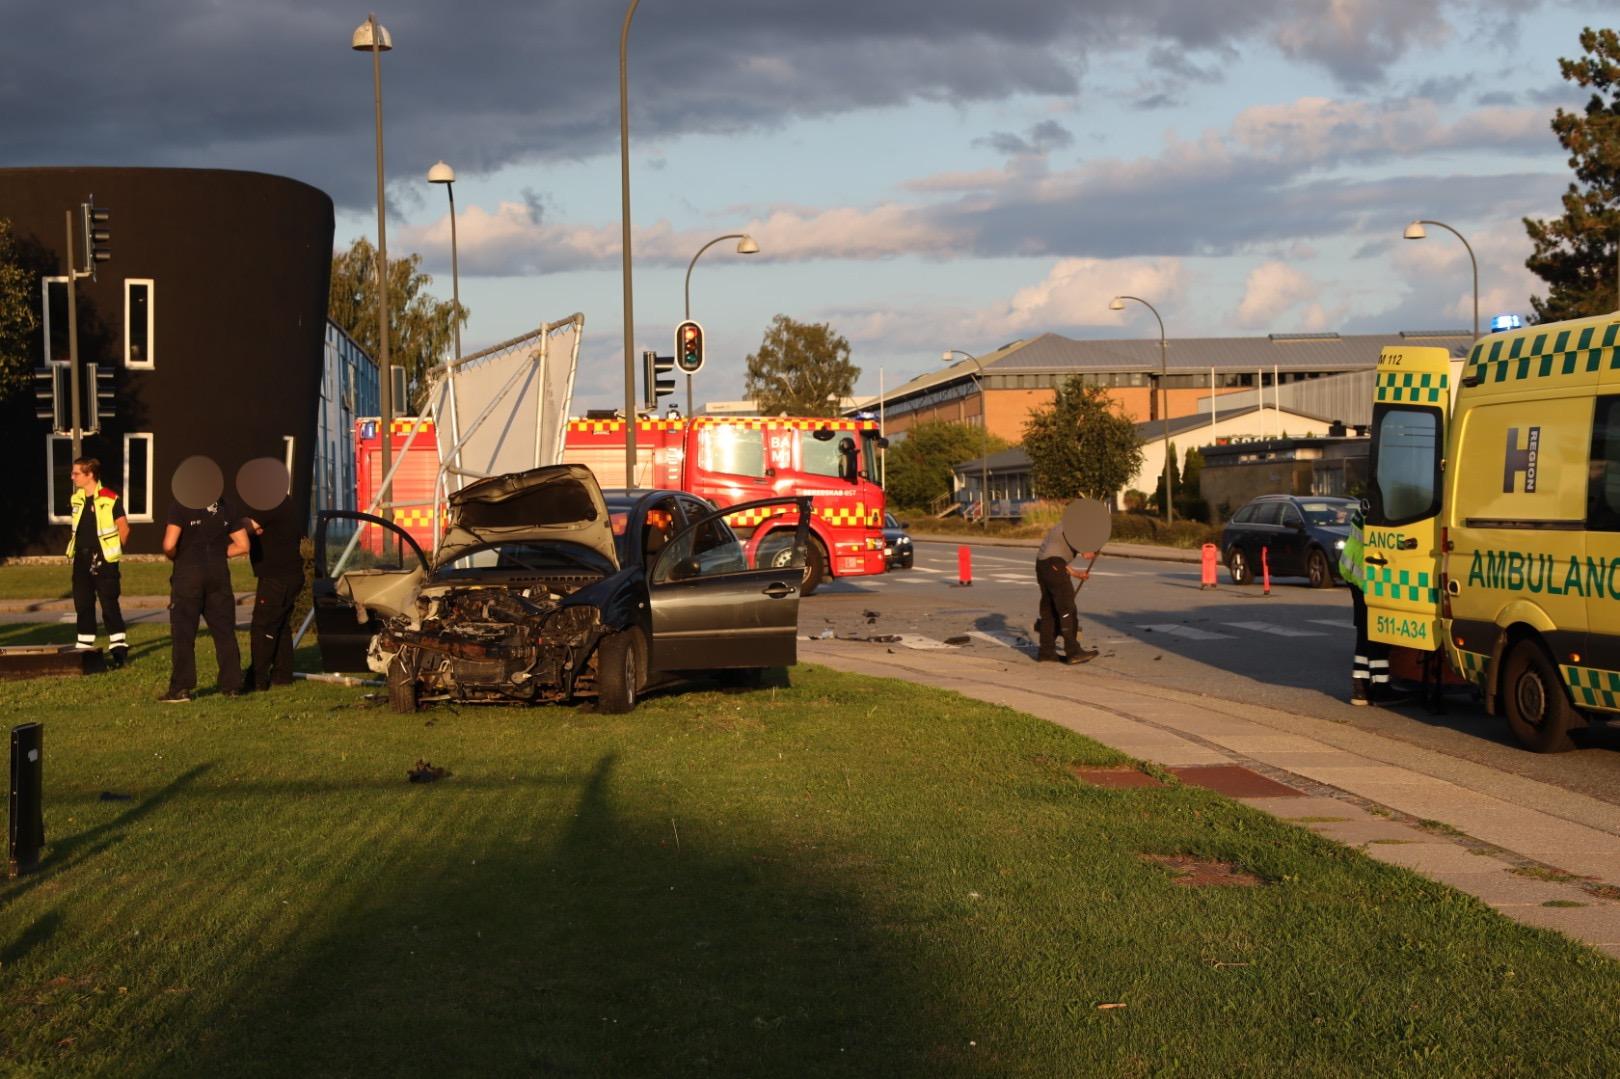 Voldsomt færdselsuheld i Herlev - flere ambulancer fremme